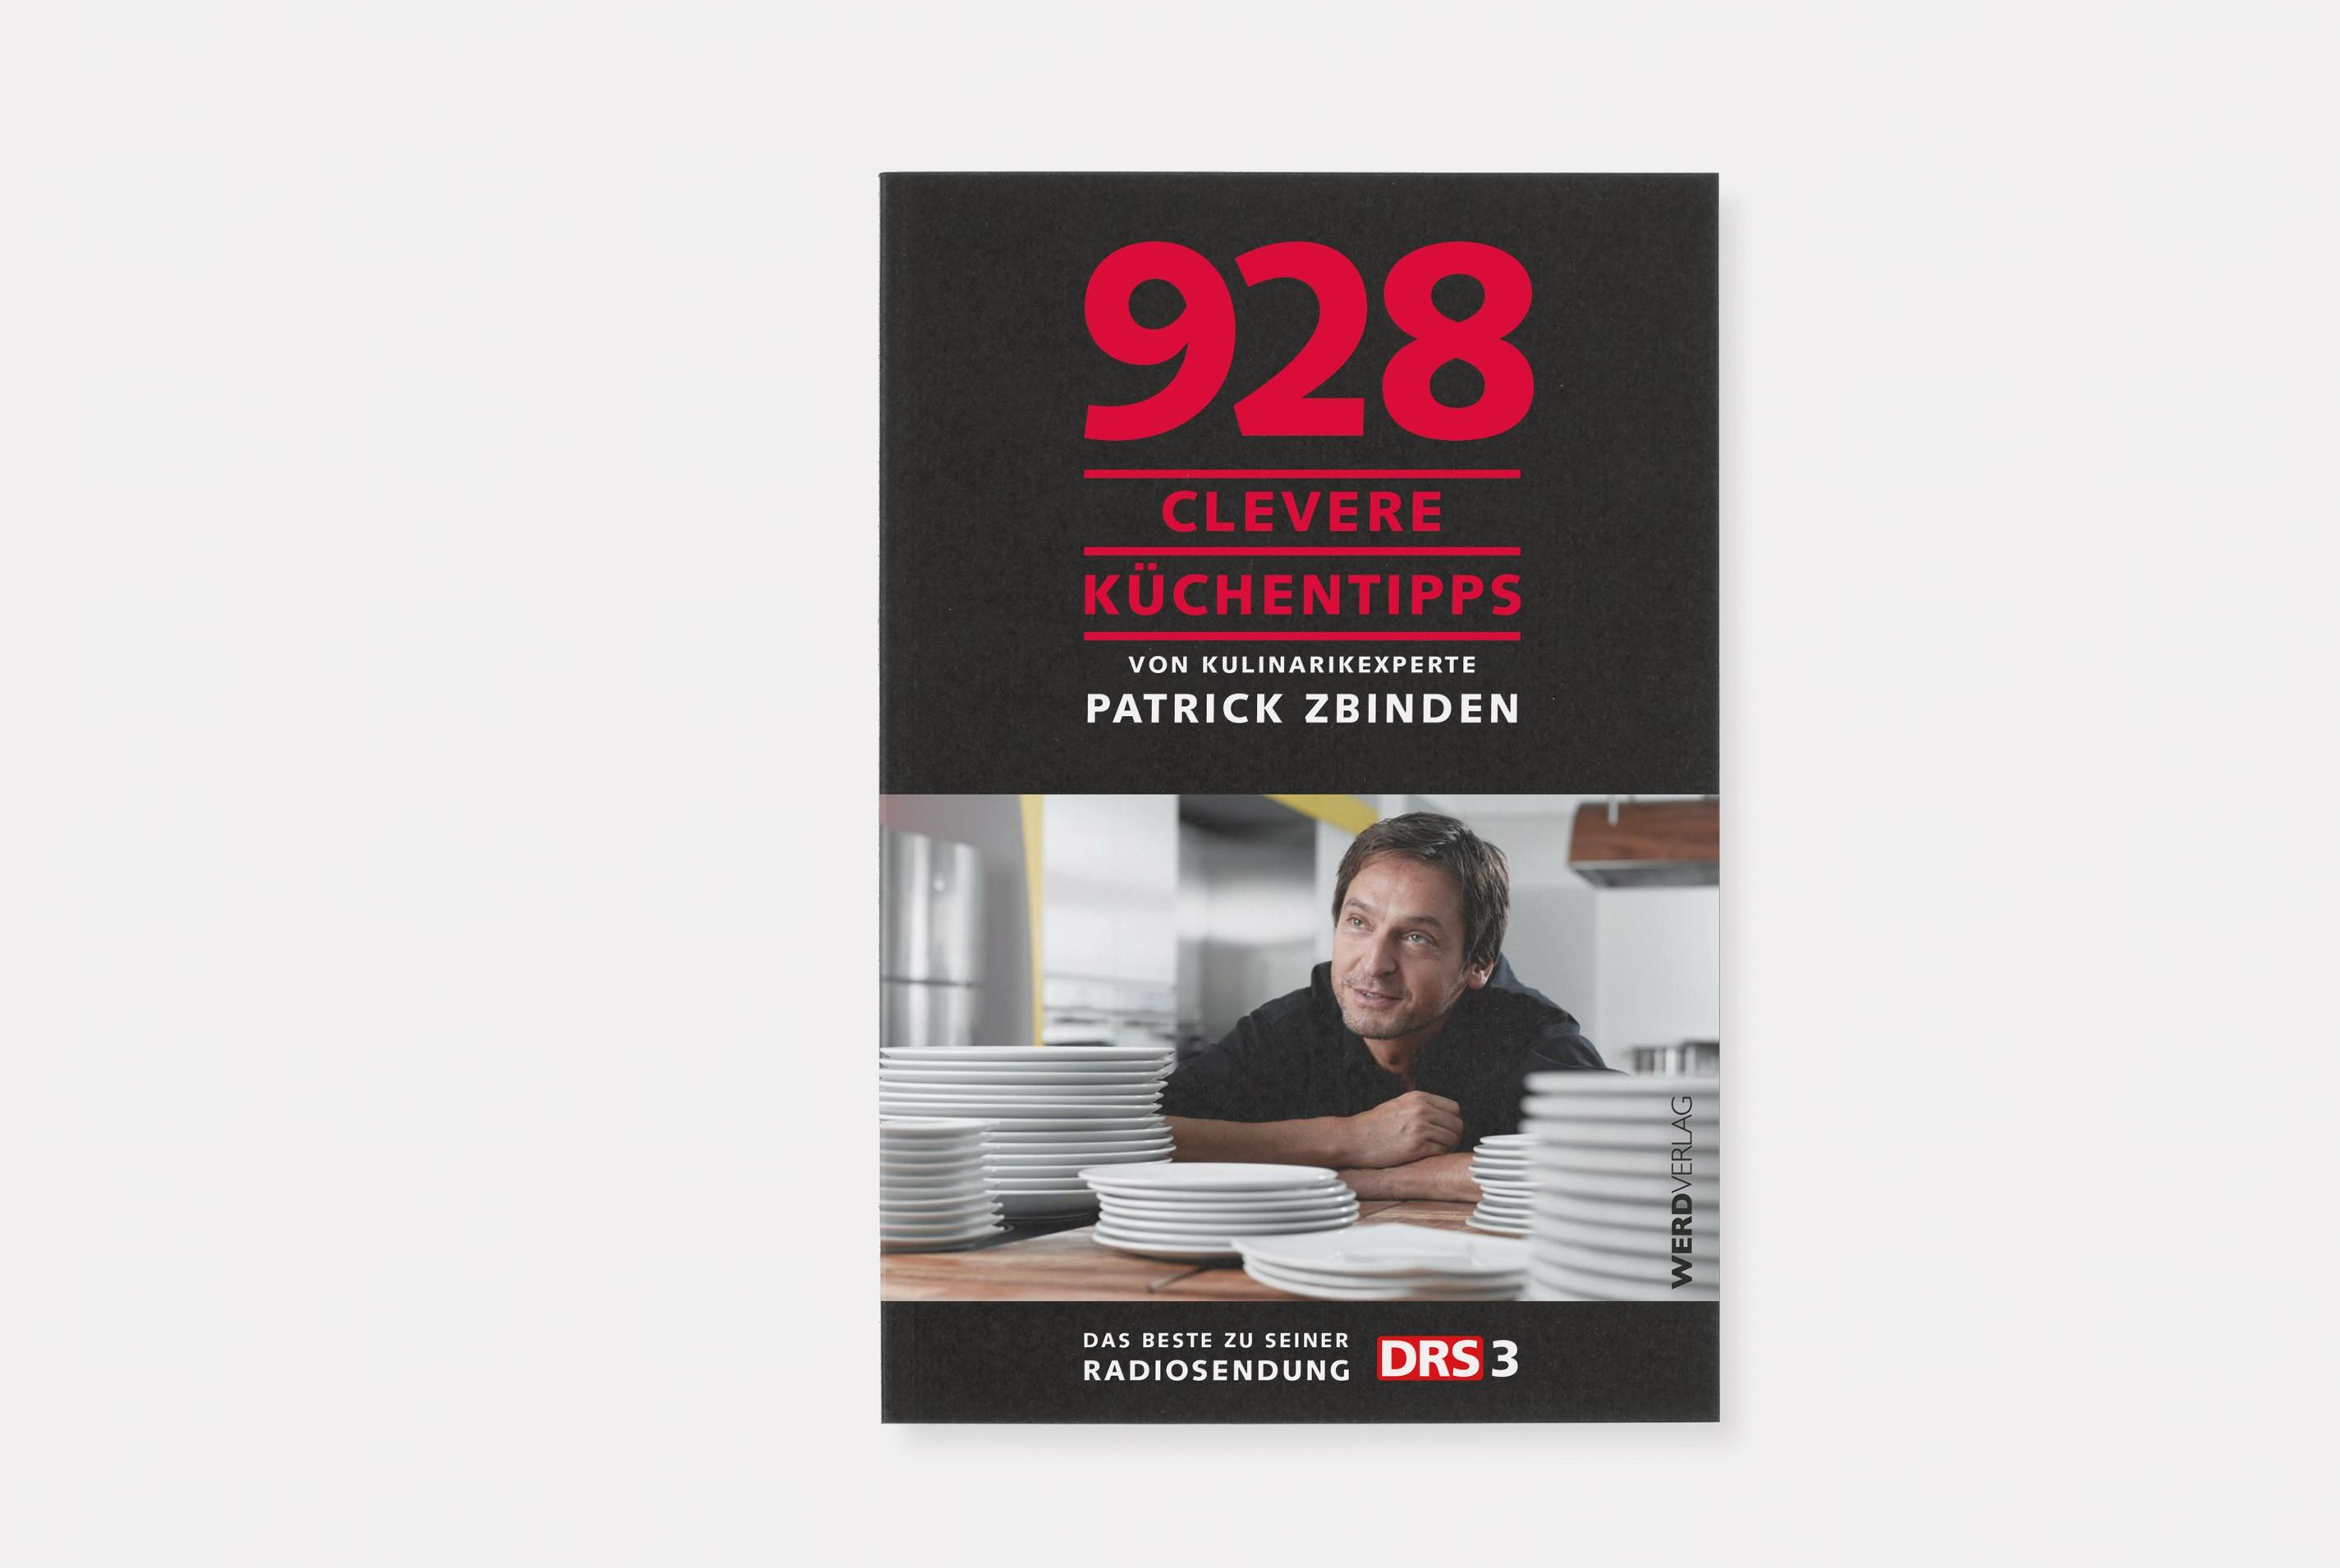 Buch 928 clevere Küchentipps